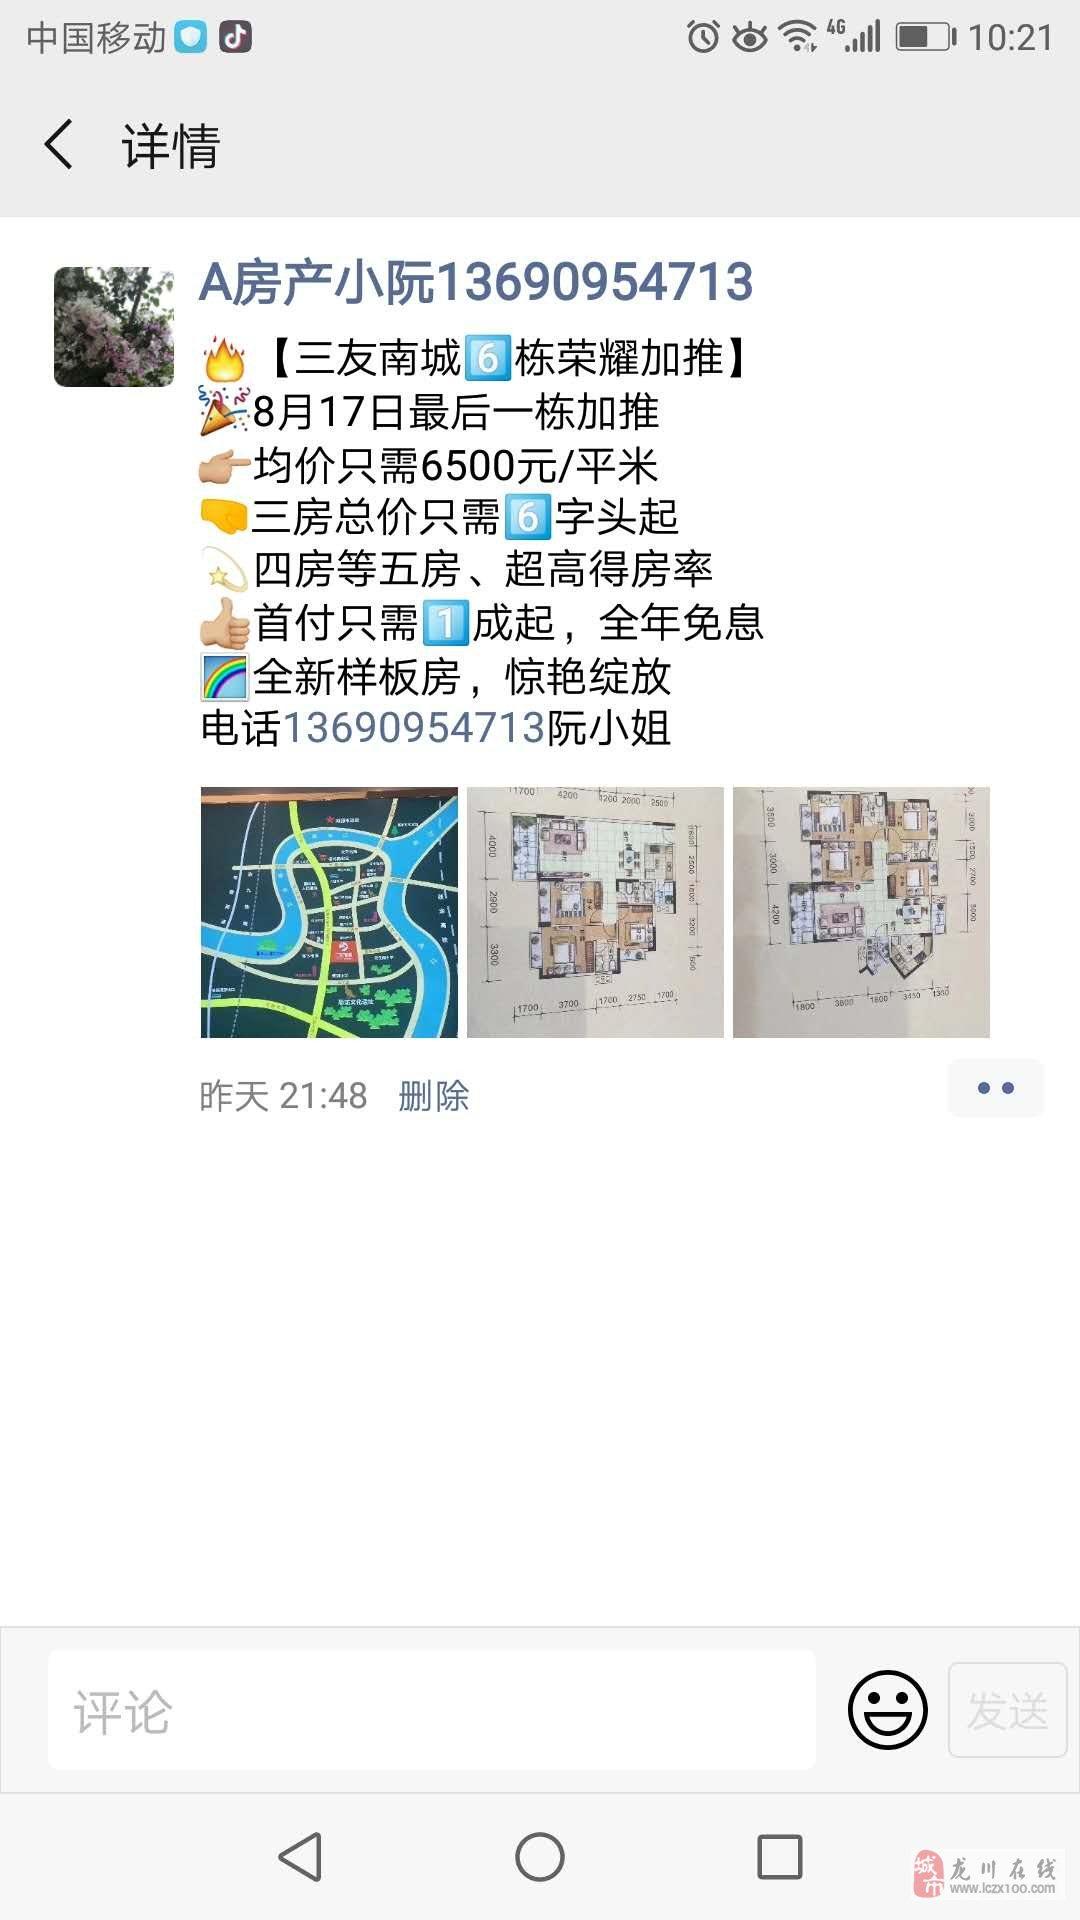 三友南城6栋荣耀加推均价只需6500元/平米